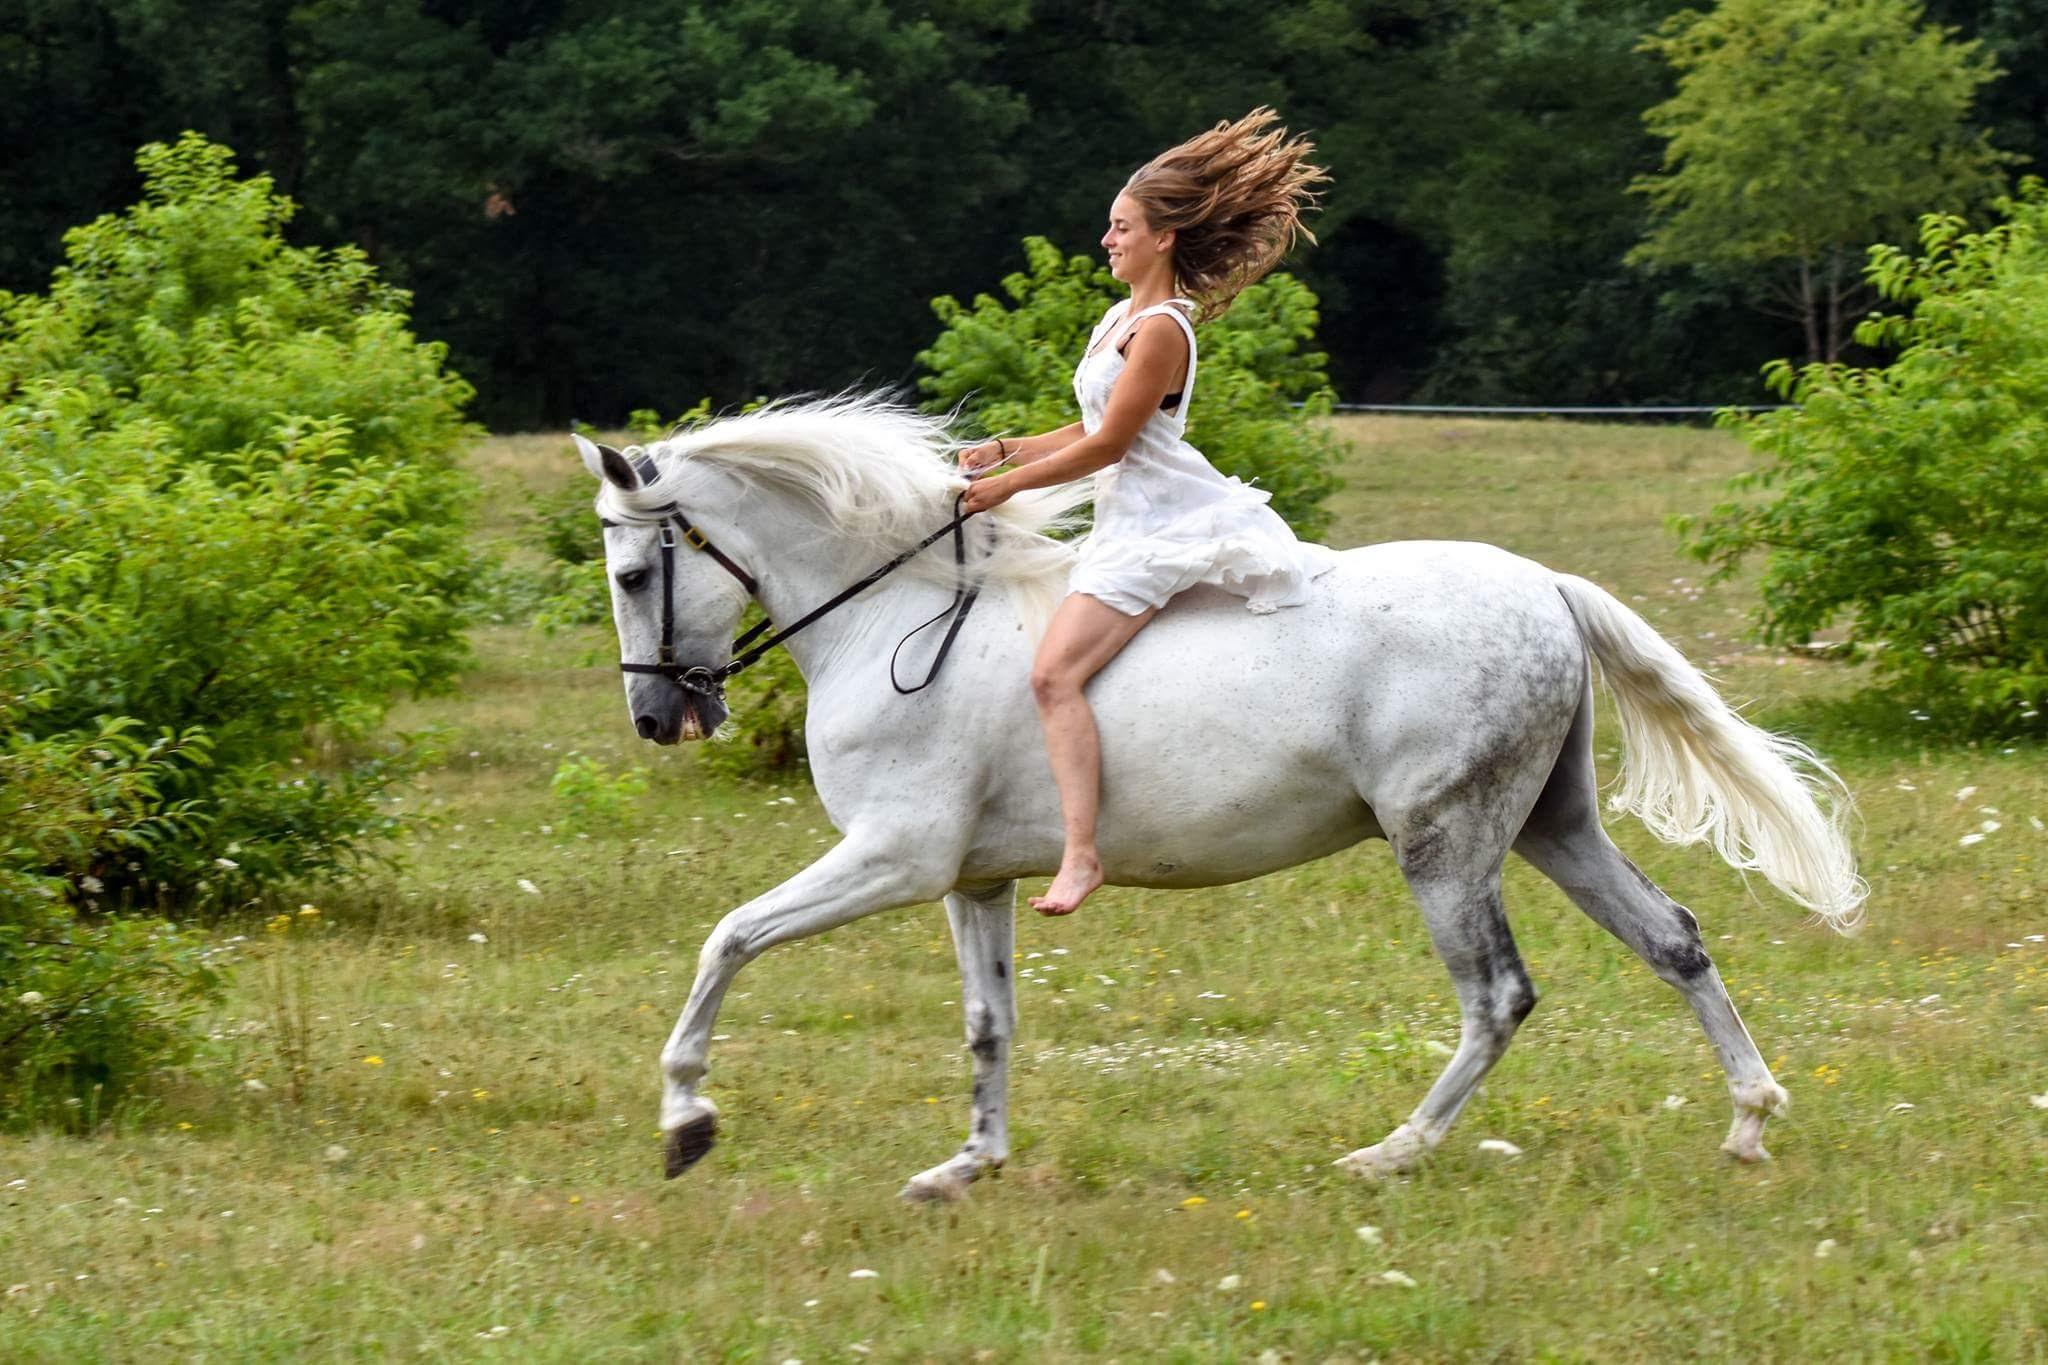 balade à cheval pendant un evjf dans une propriété en Sologne